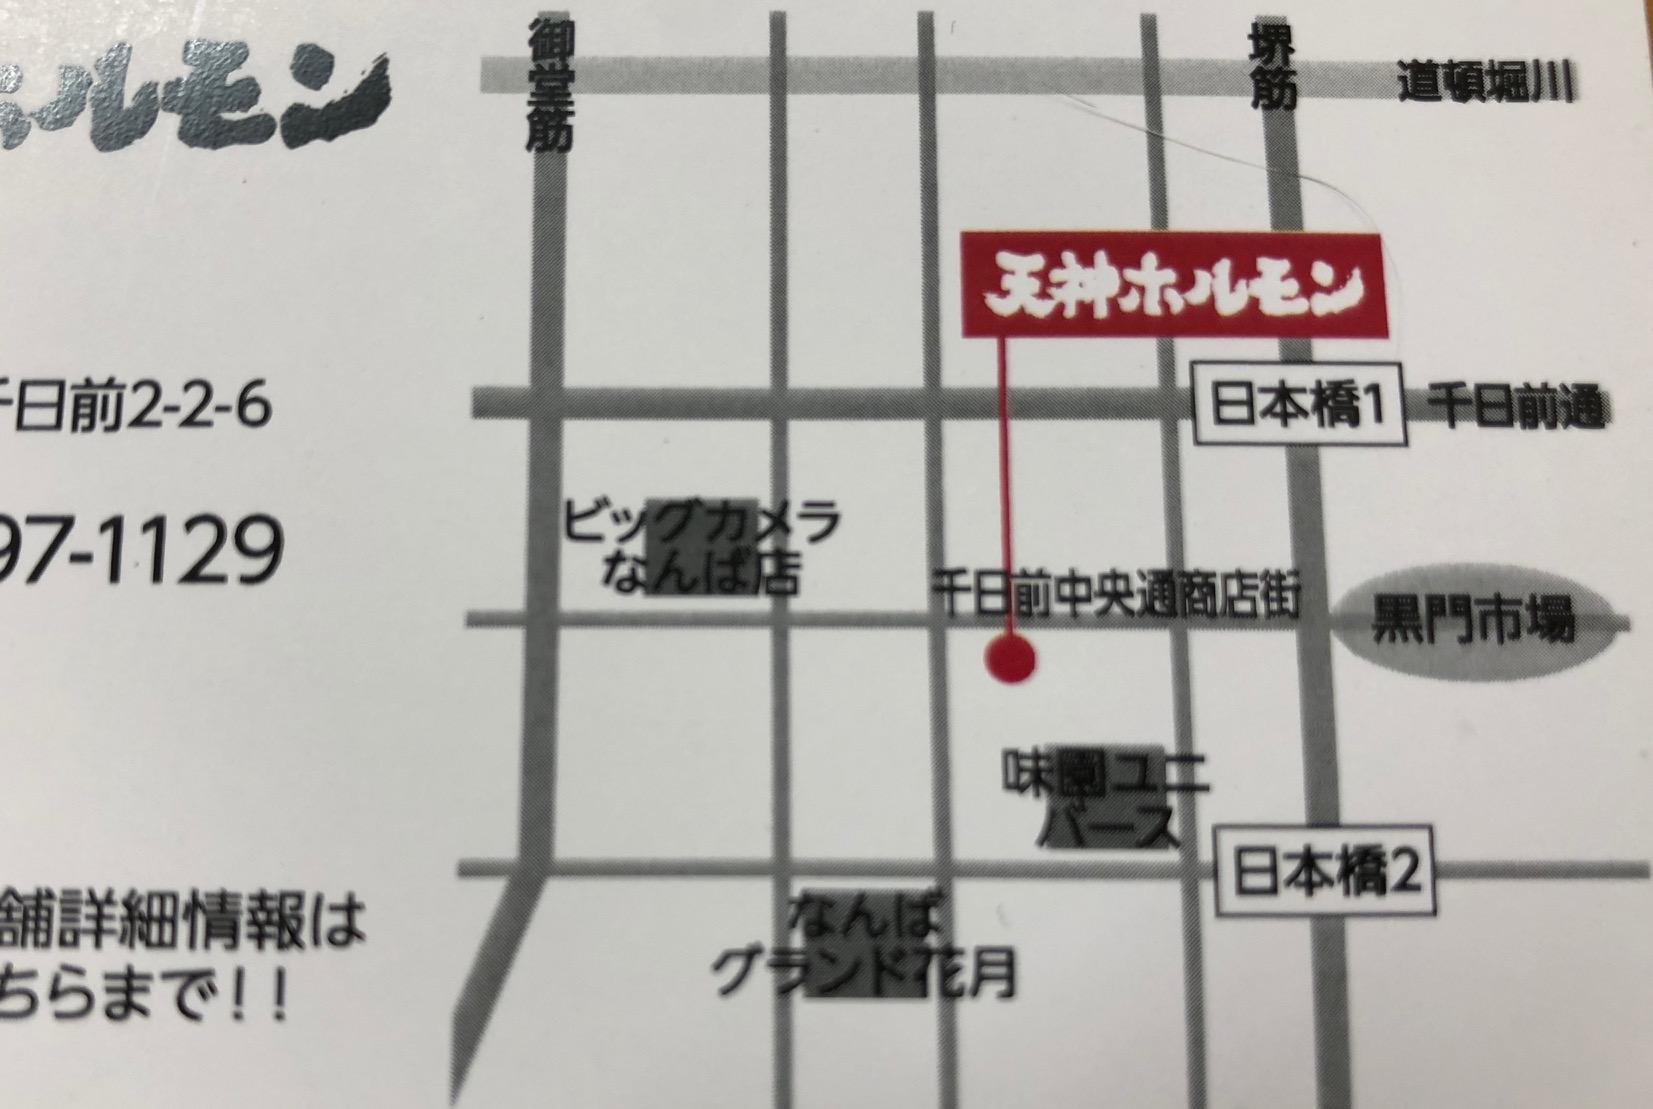 天神ホルモンの地図の画像